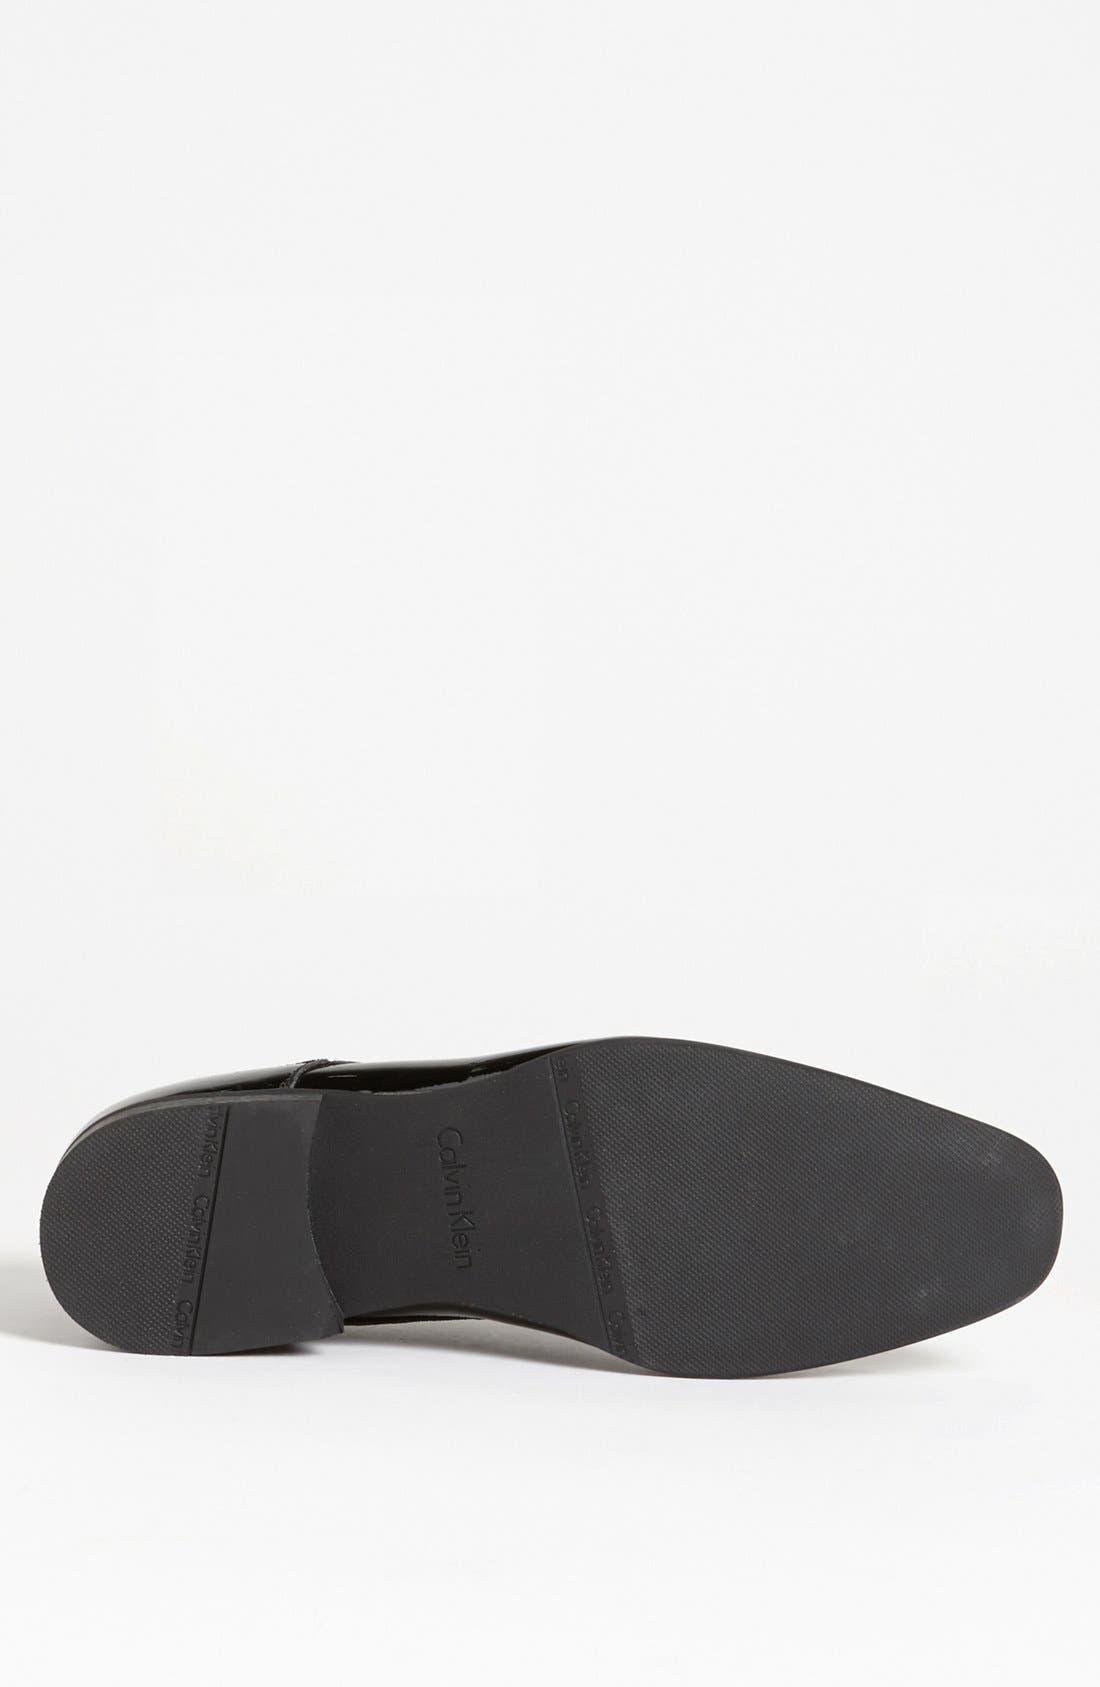 'Brodie' Plain Toe Derby,                             Alternate thumbnail 4, color,                             BLACK PATENT